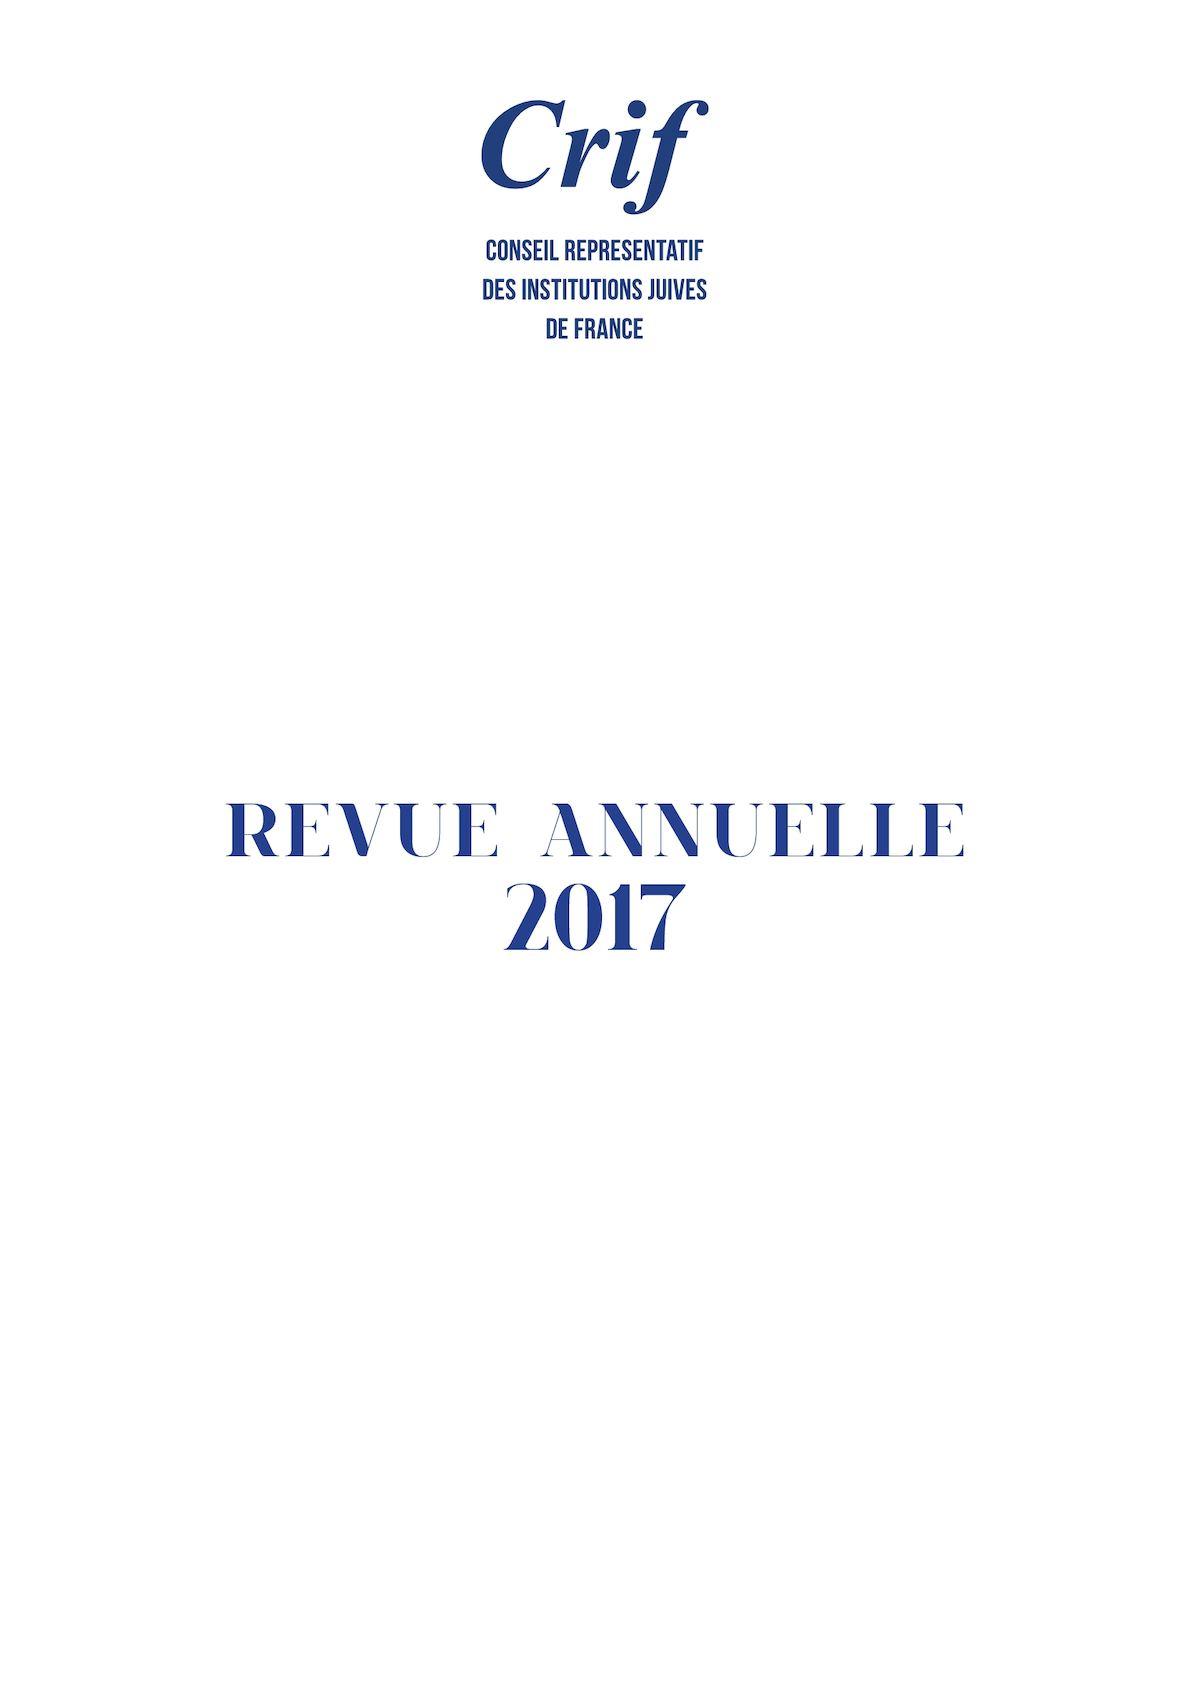 Revue annuelle du Crif 2017